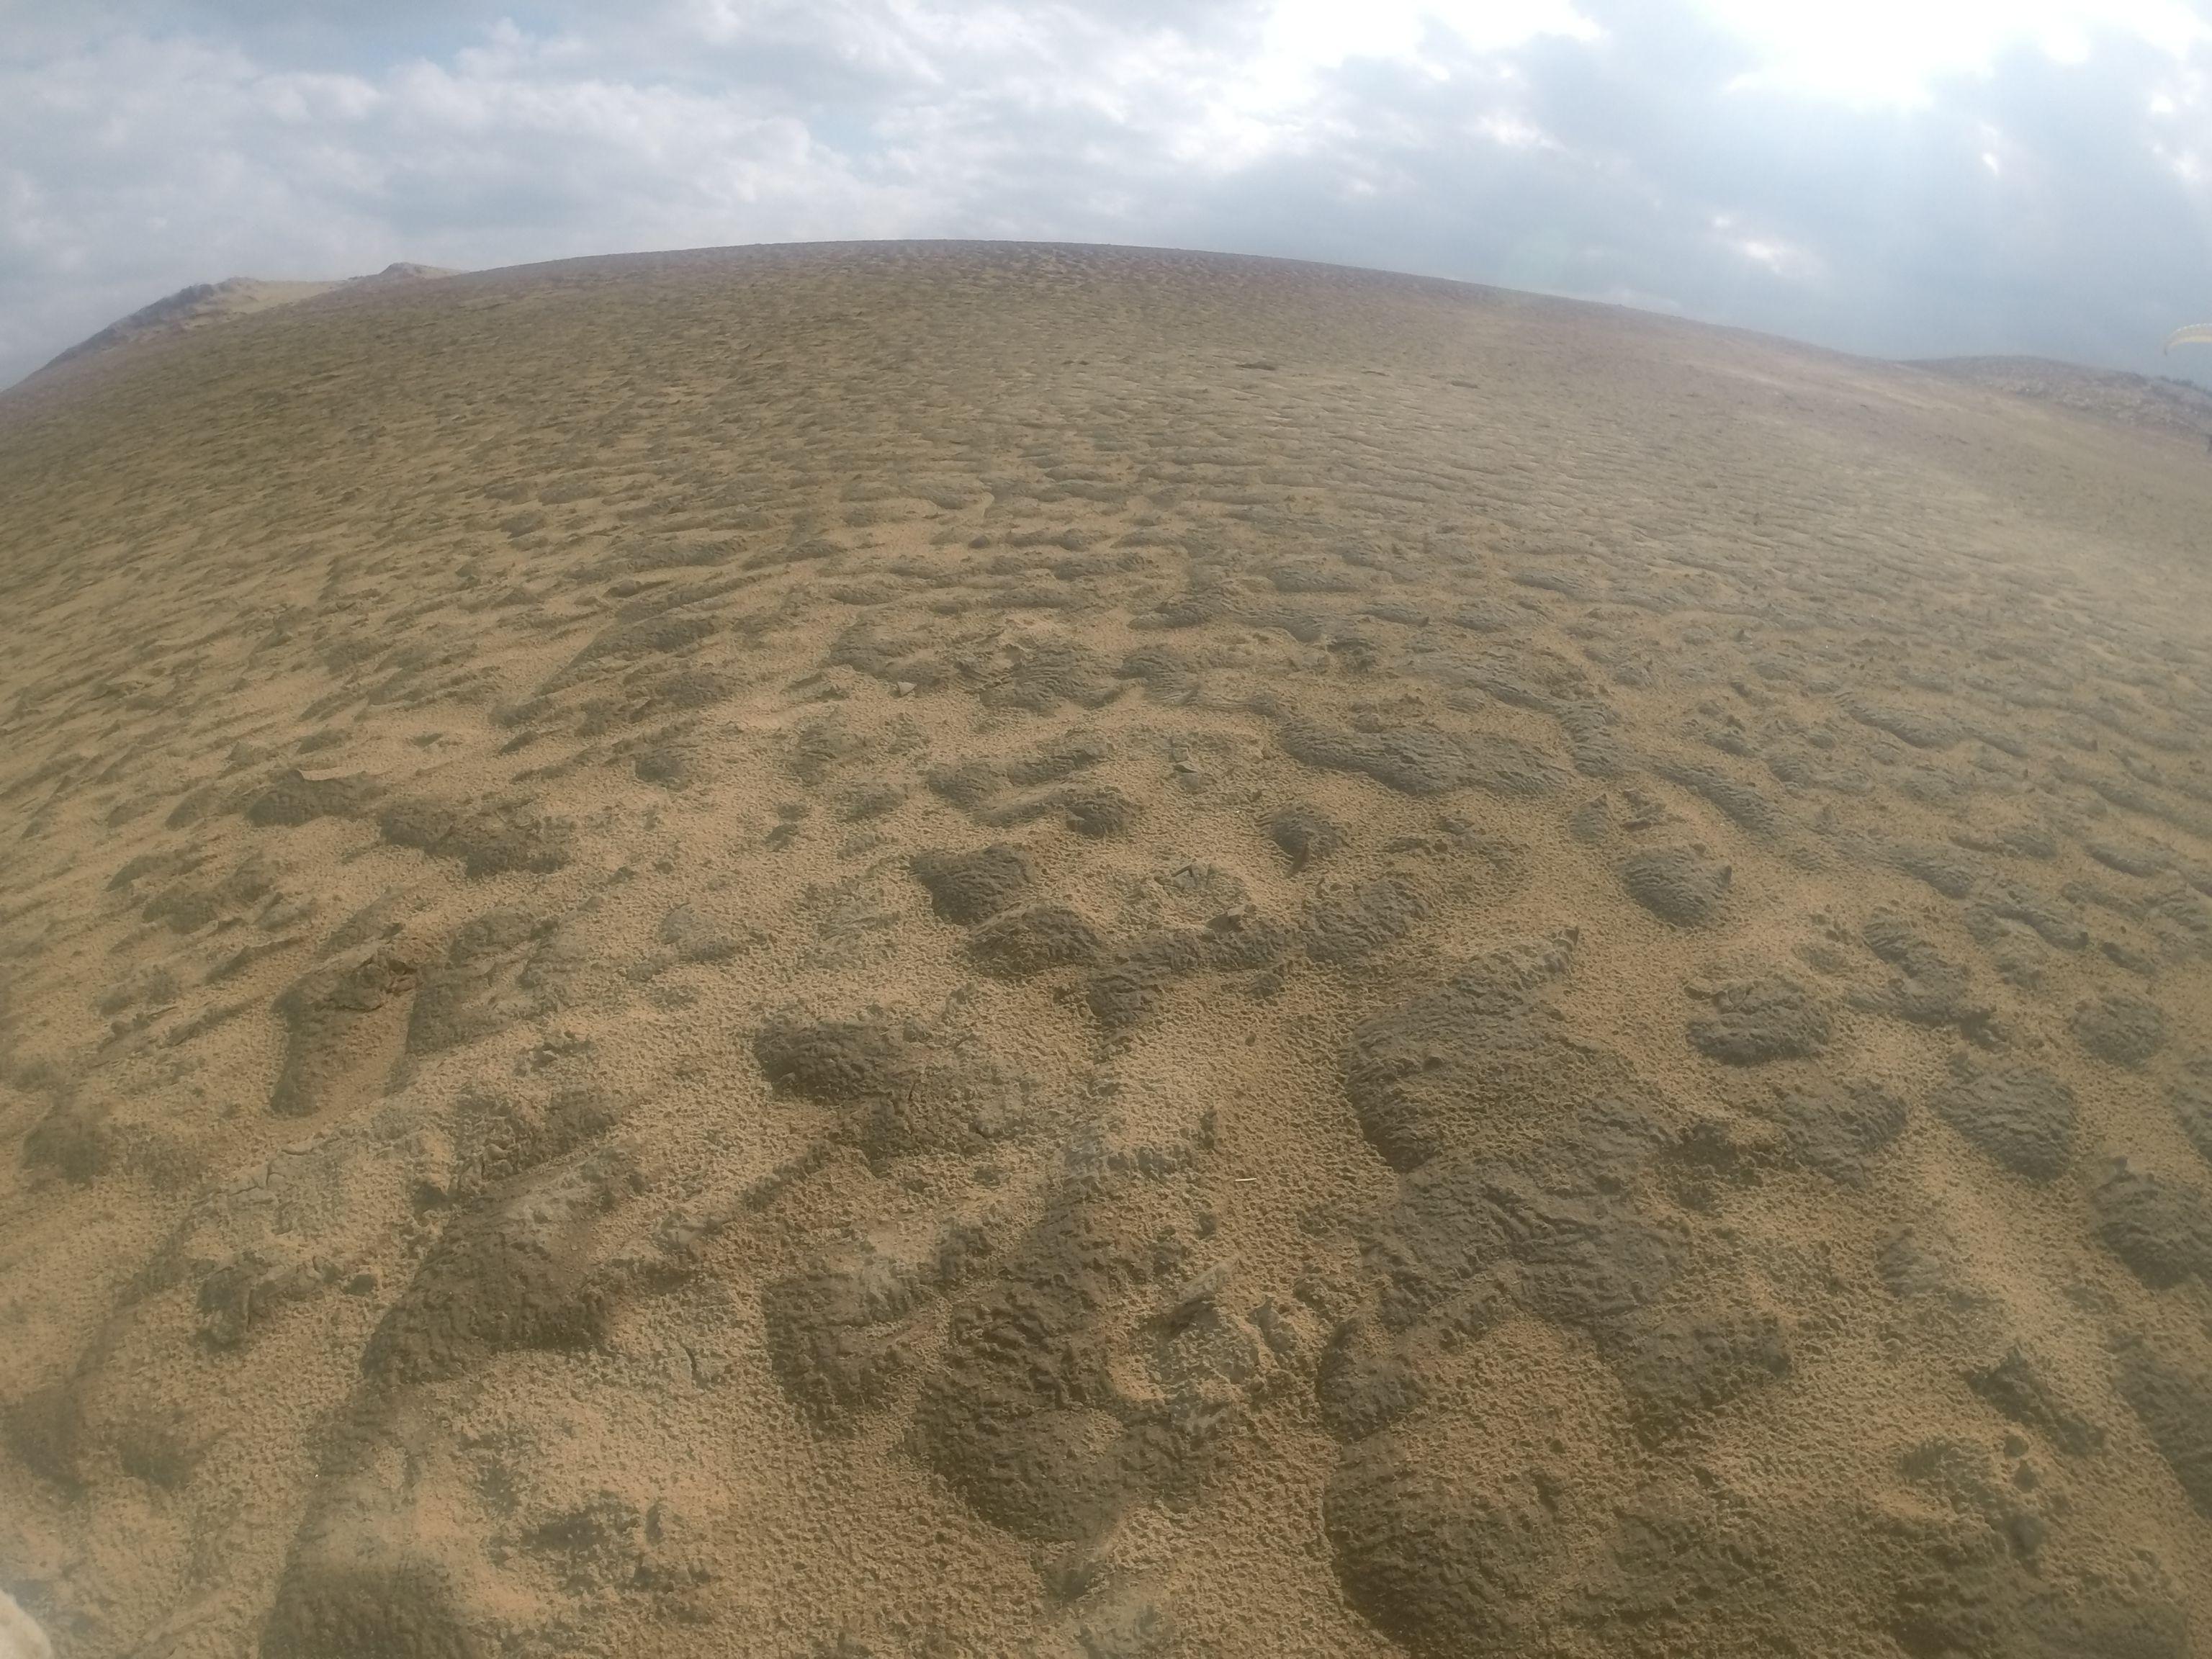 冷たい北風が吹き抜けた鳥取砂丘